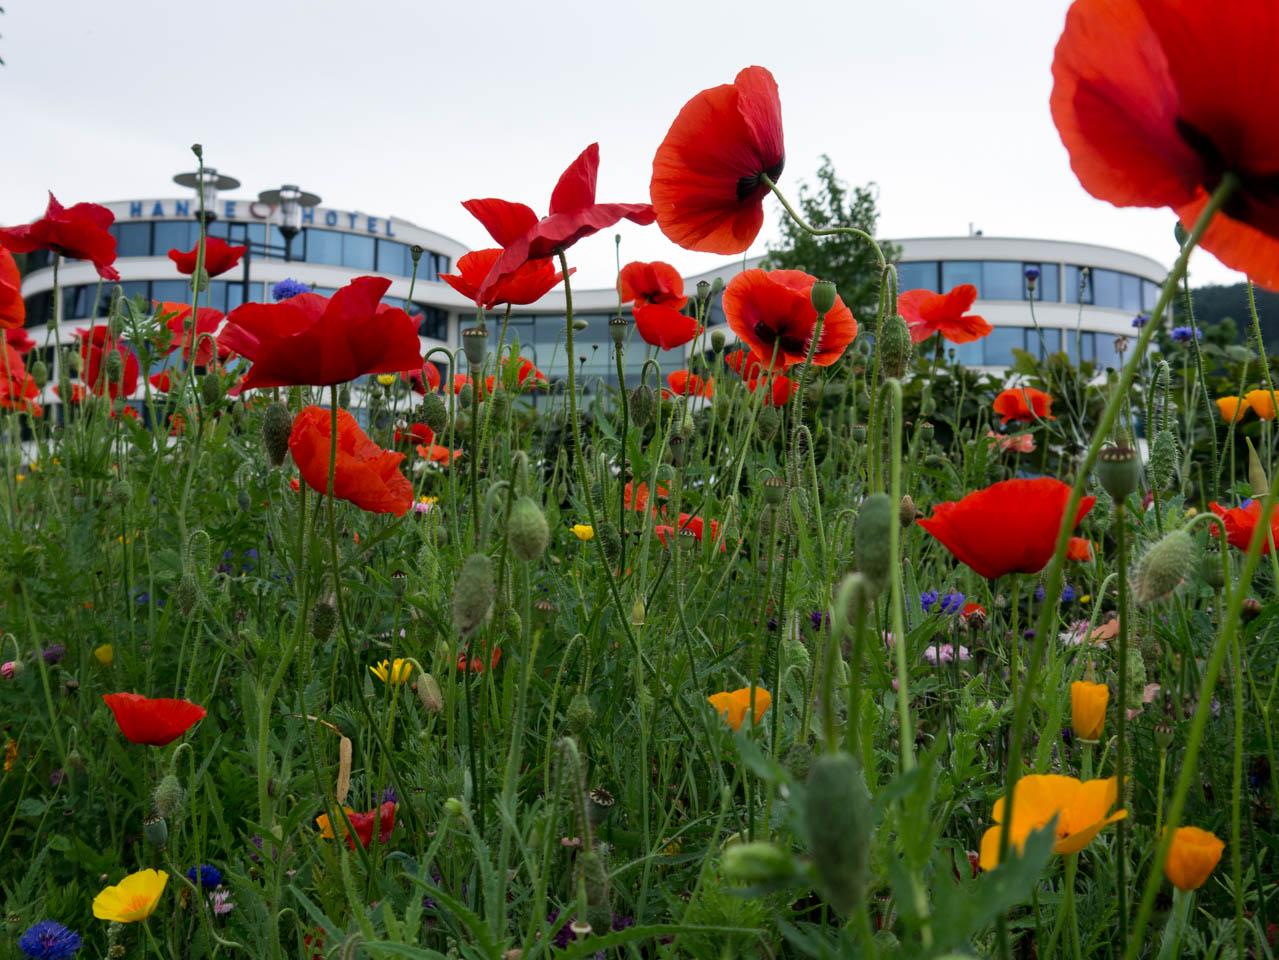 Hotel hinter Wildblumen (1 von 1)